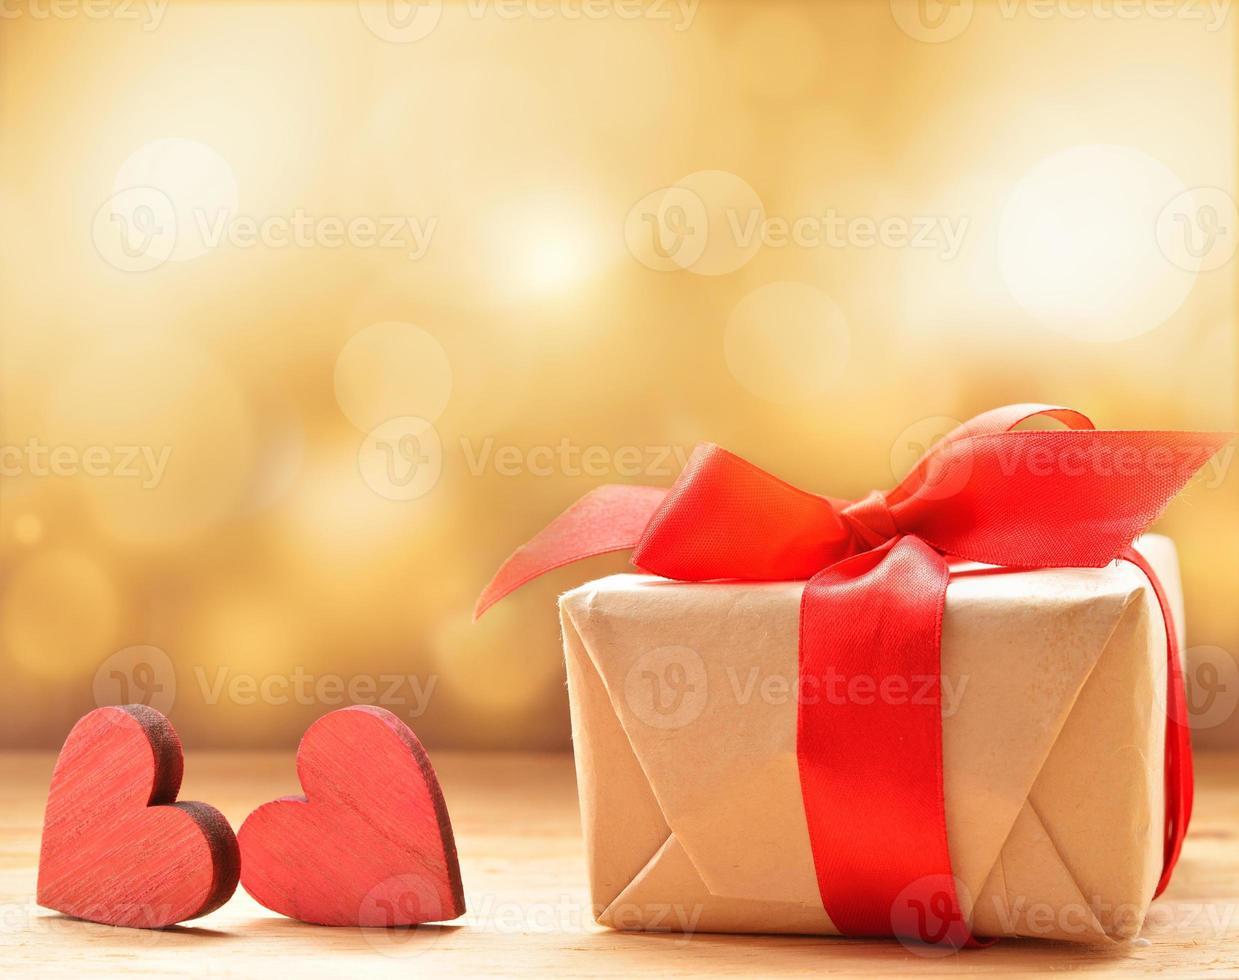 Valentinstagsgeschenk mit roten Holzherzen foto